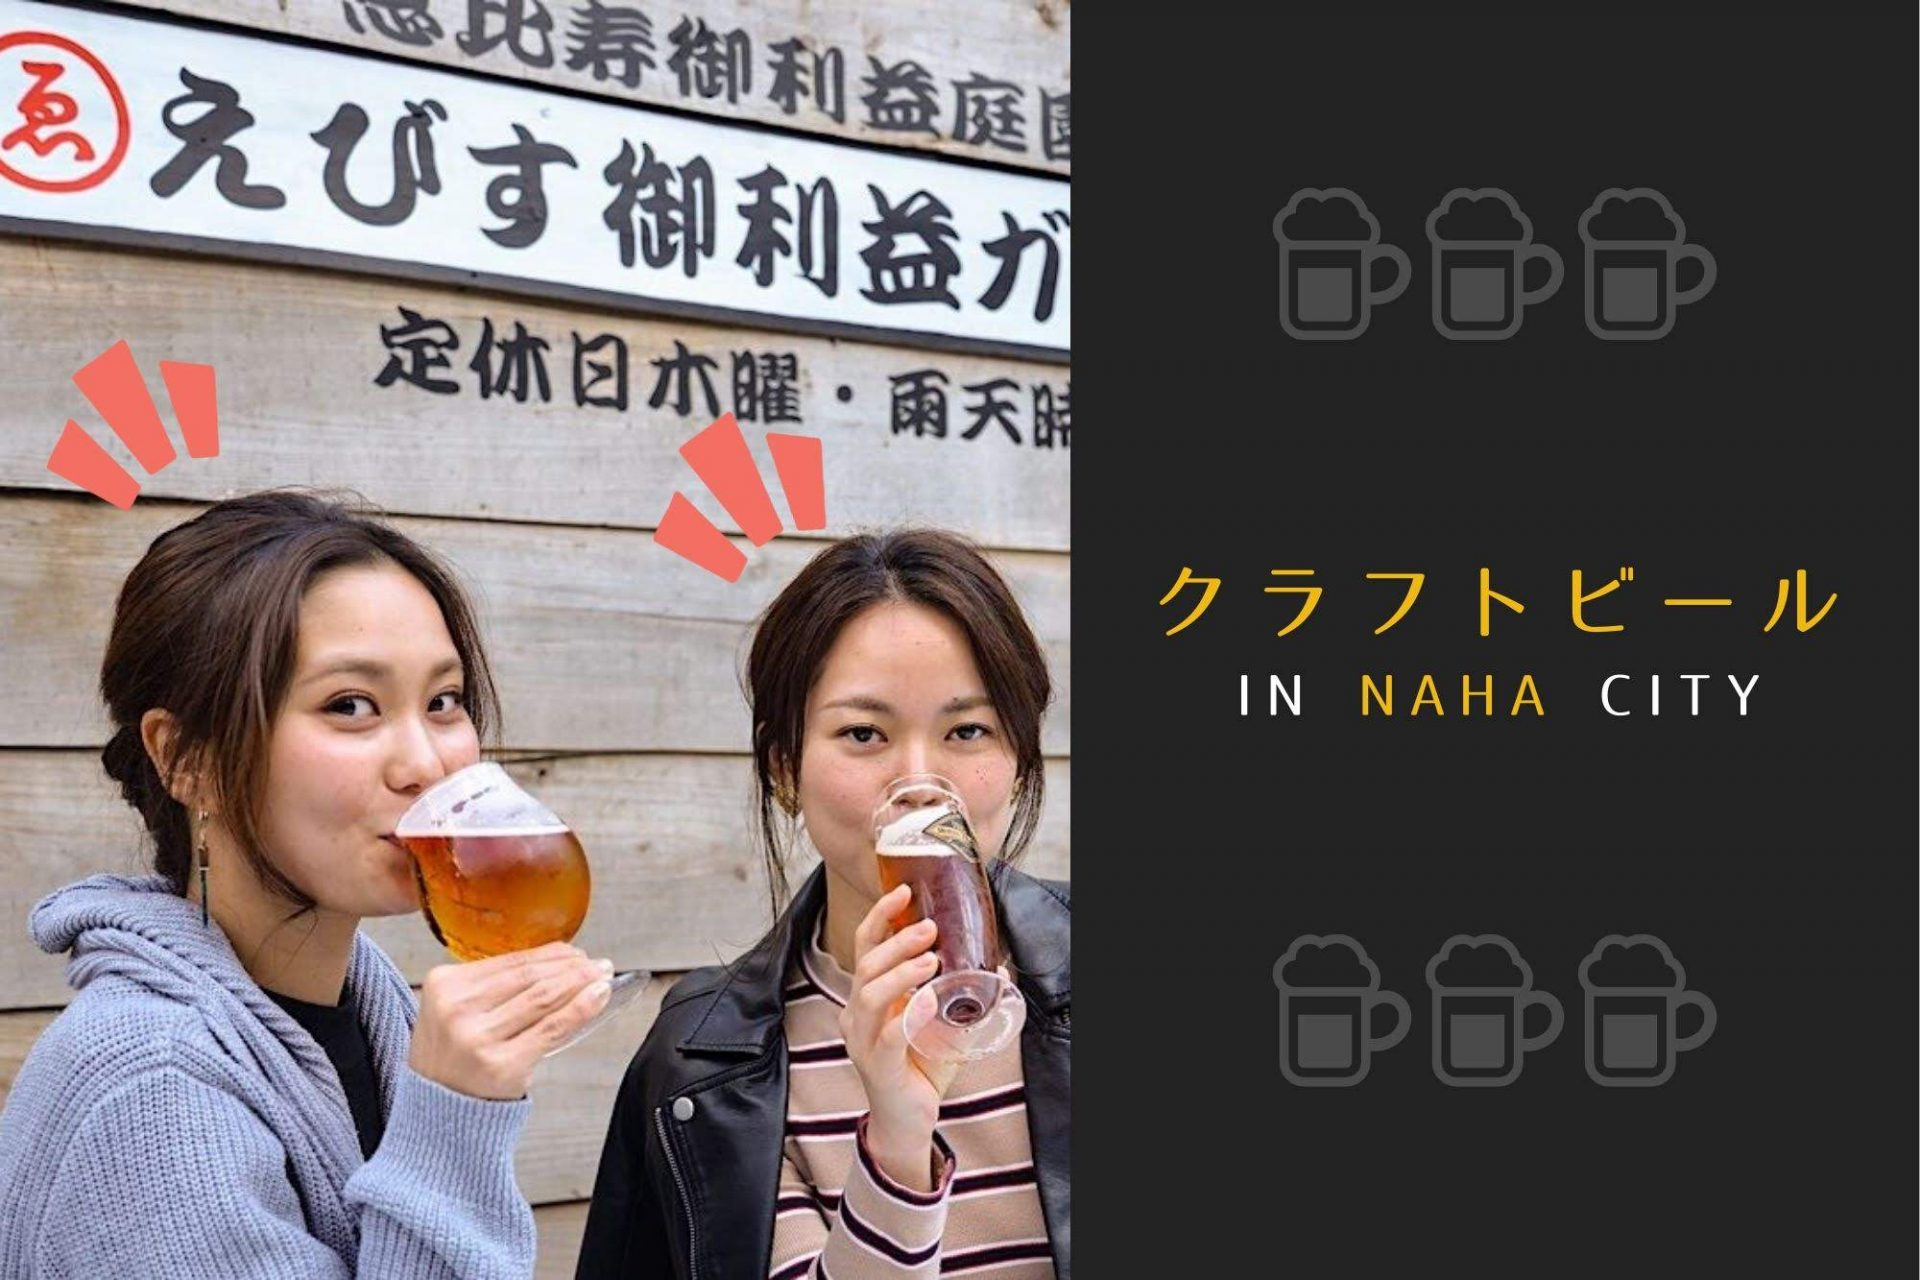 那覇市 クラフトビール